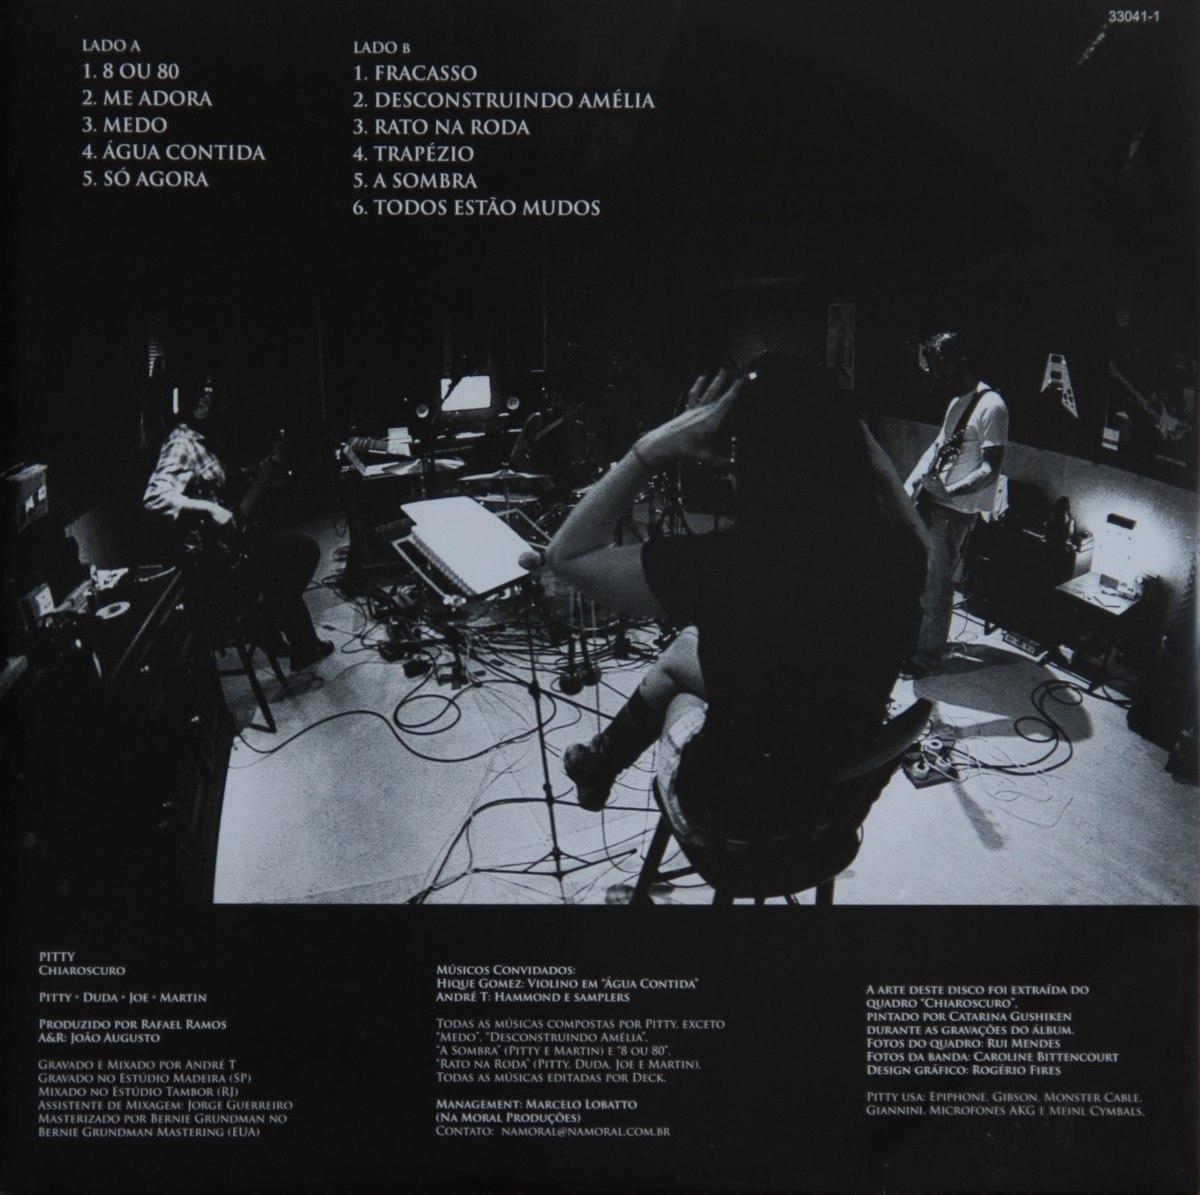 novo cd de pitty chiaroscuro